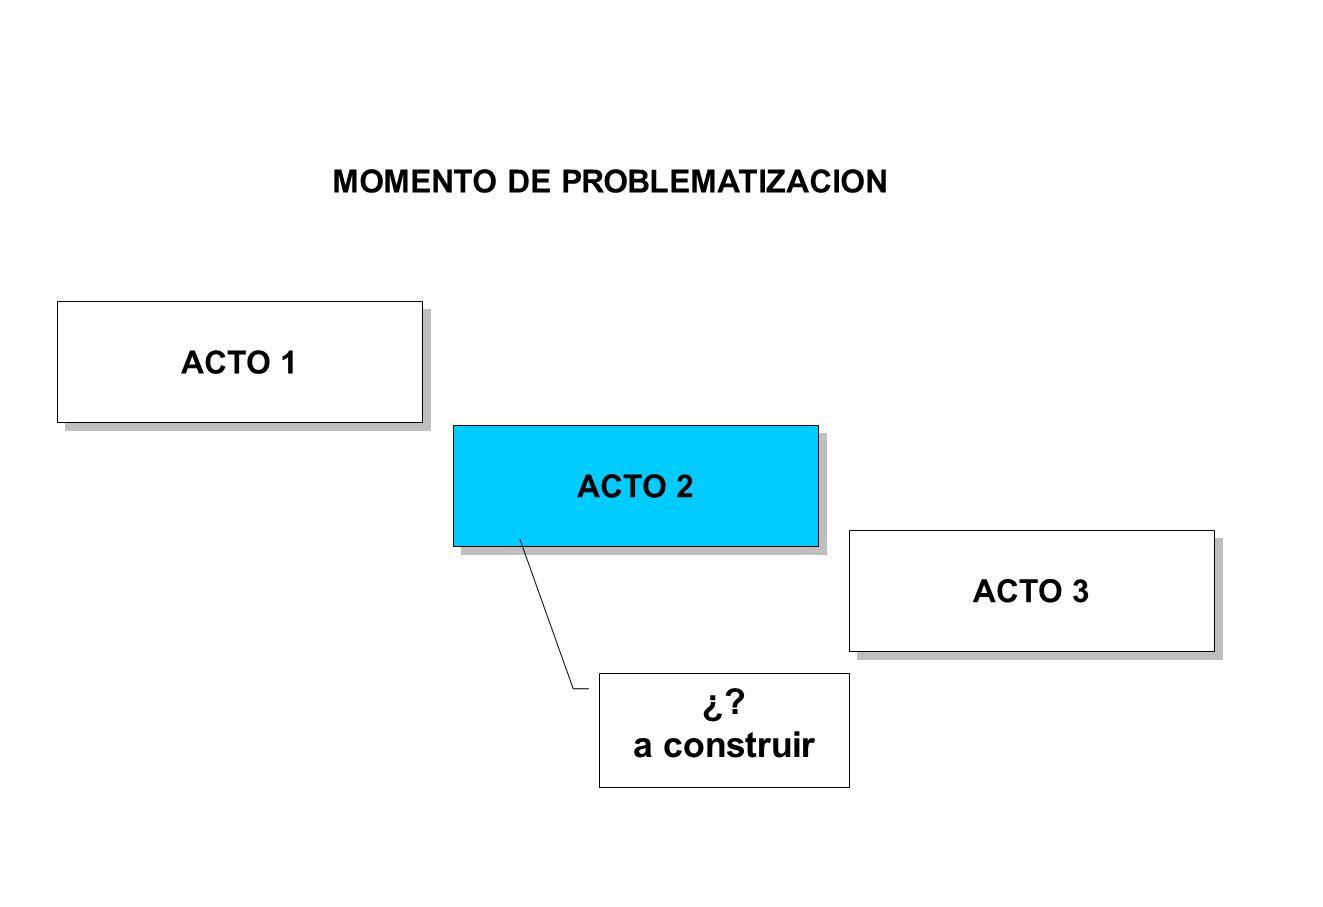 ACTO 1 ACTO 2 ACTO 3 MOMENTO DE PROBLEMATIZACION ¿? a construir